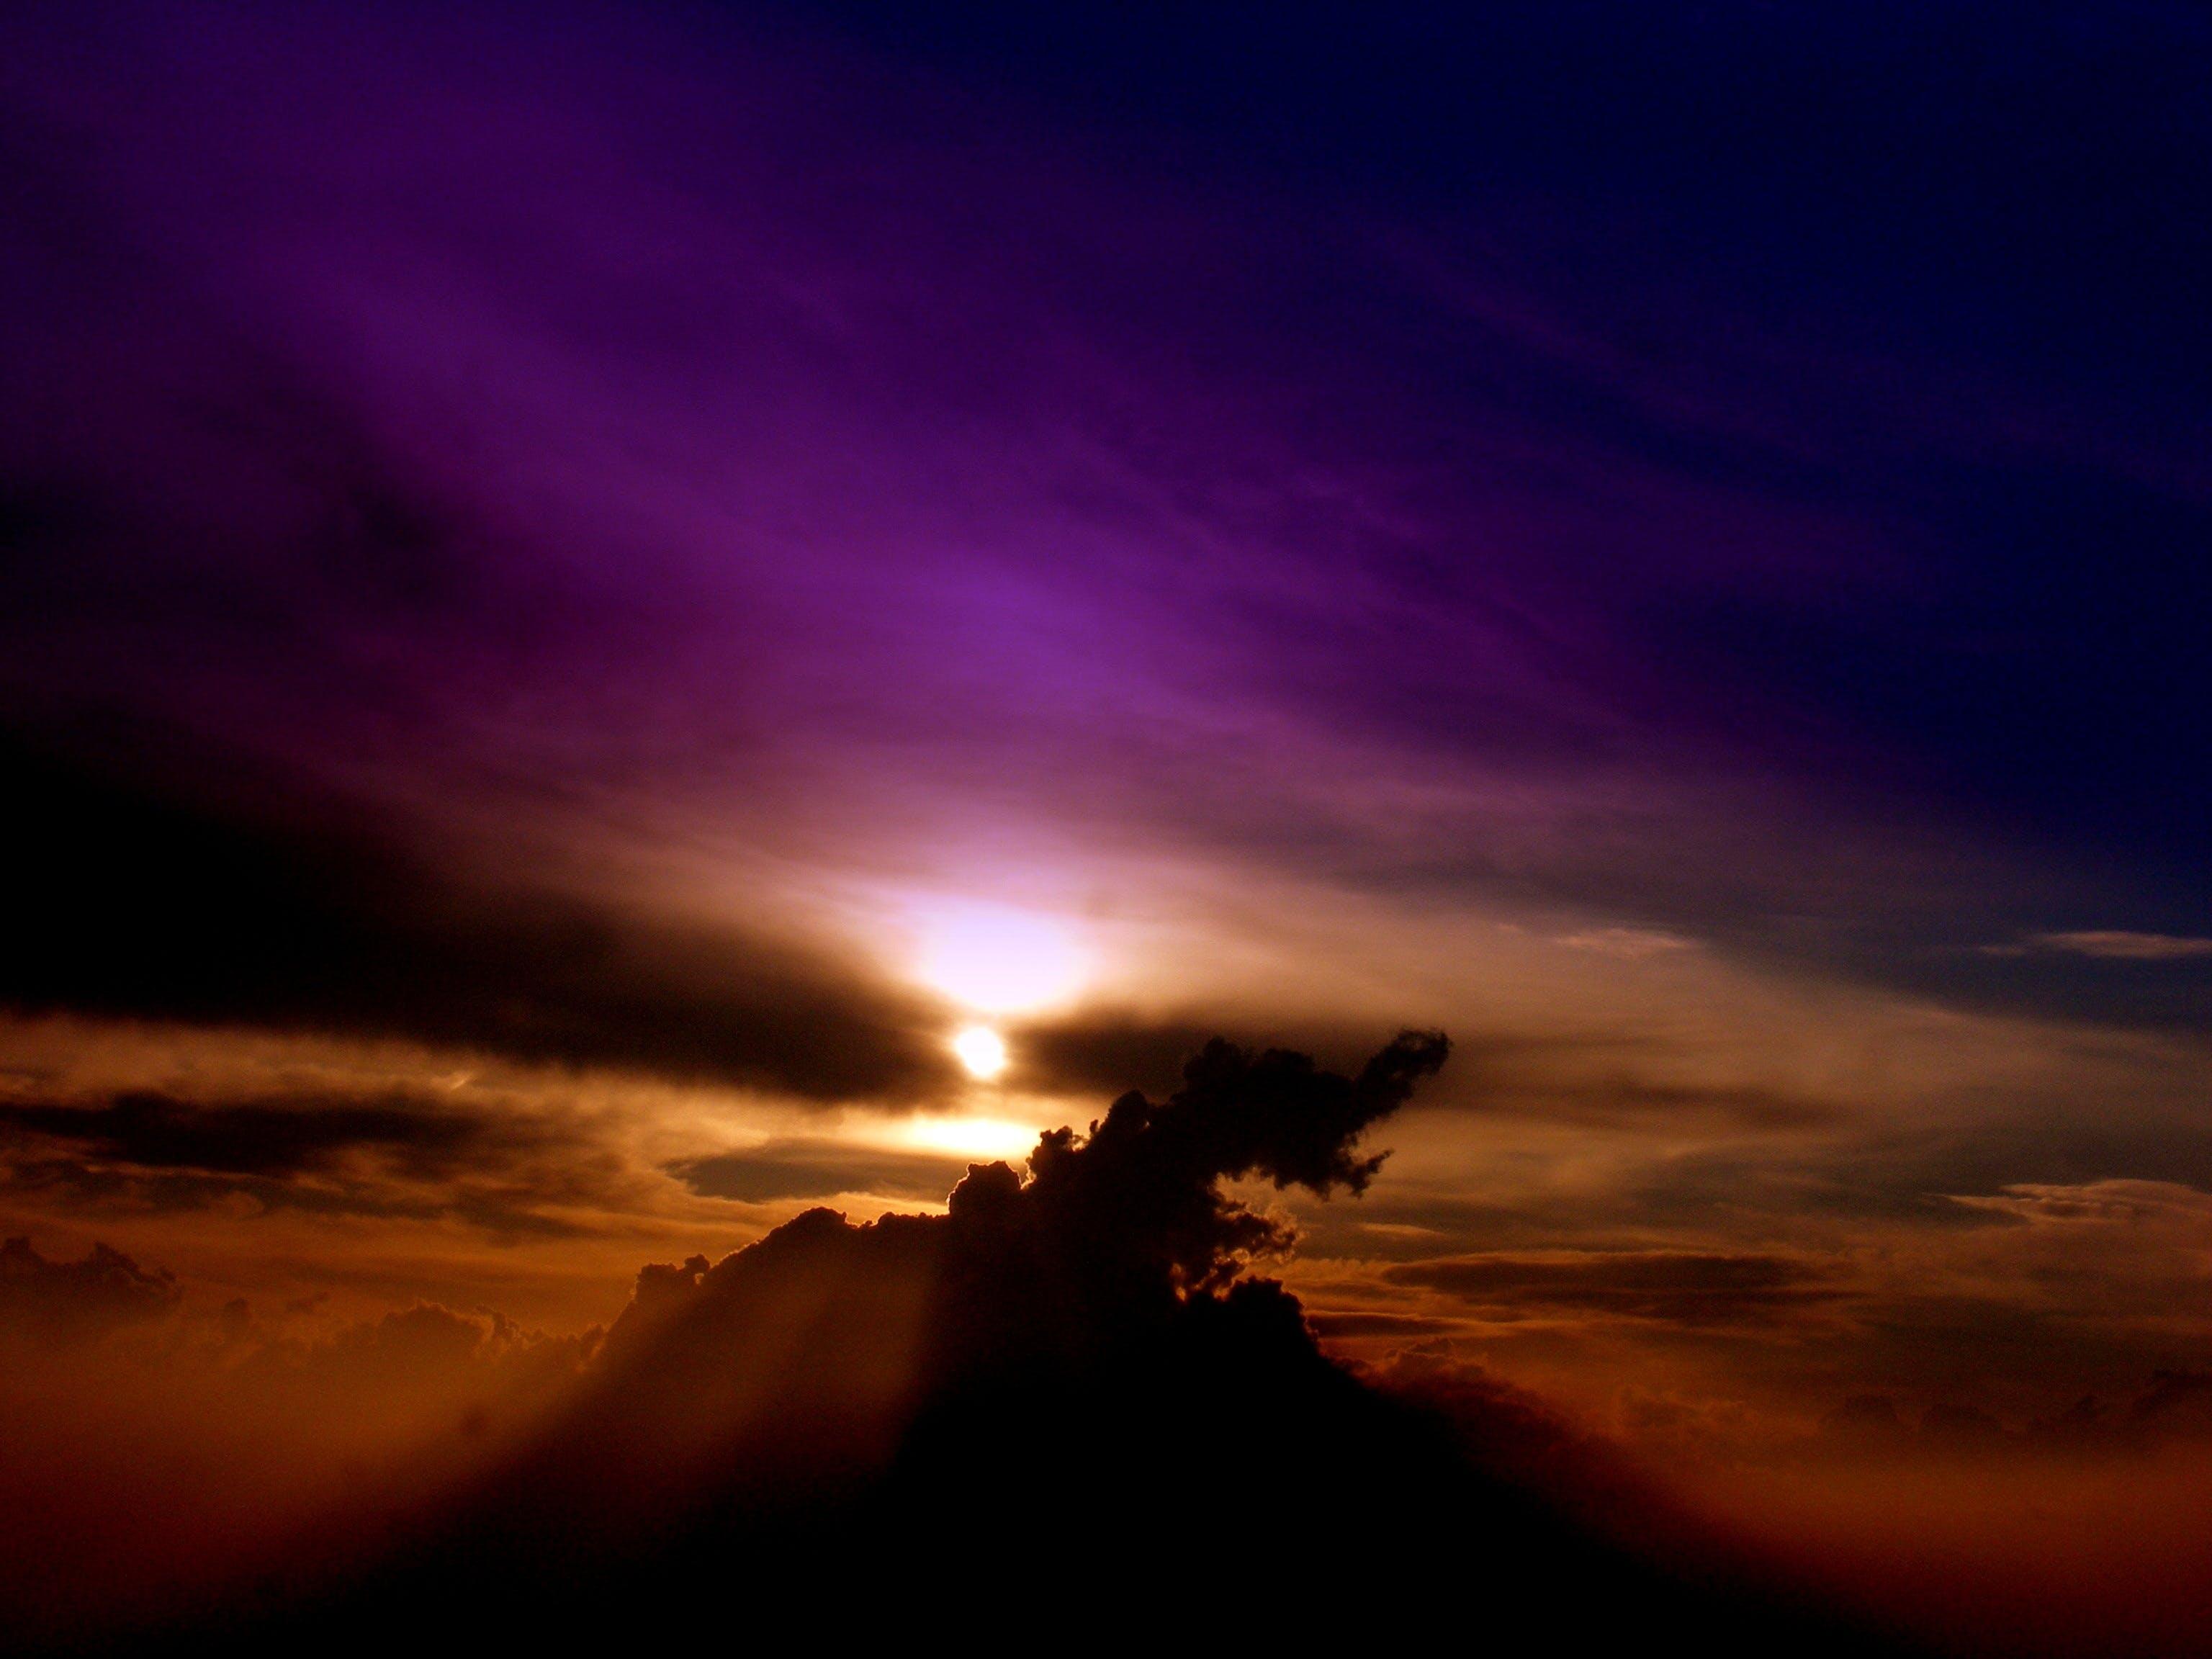 Безкоштовне стокове фото на тему «Захід сонця, небо, Природа, сонце»